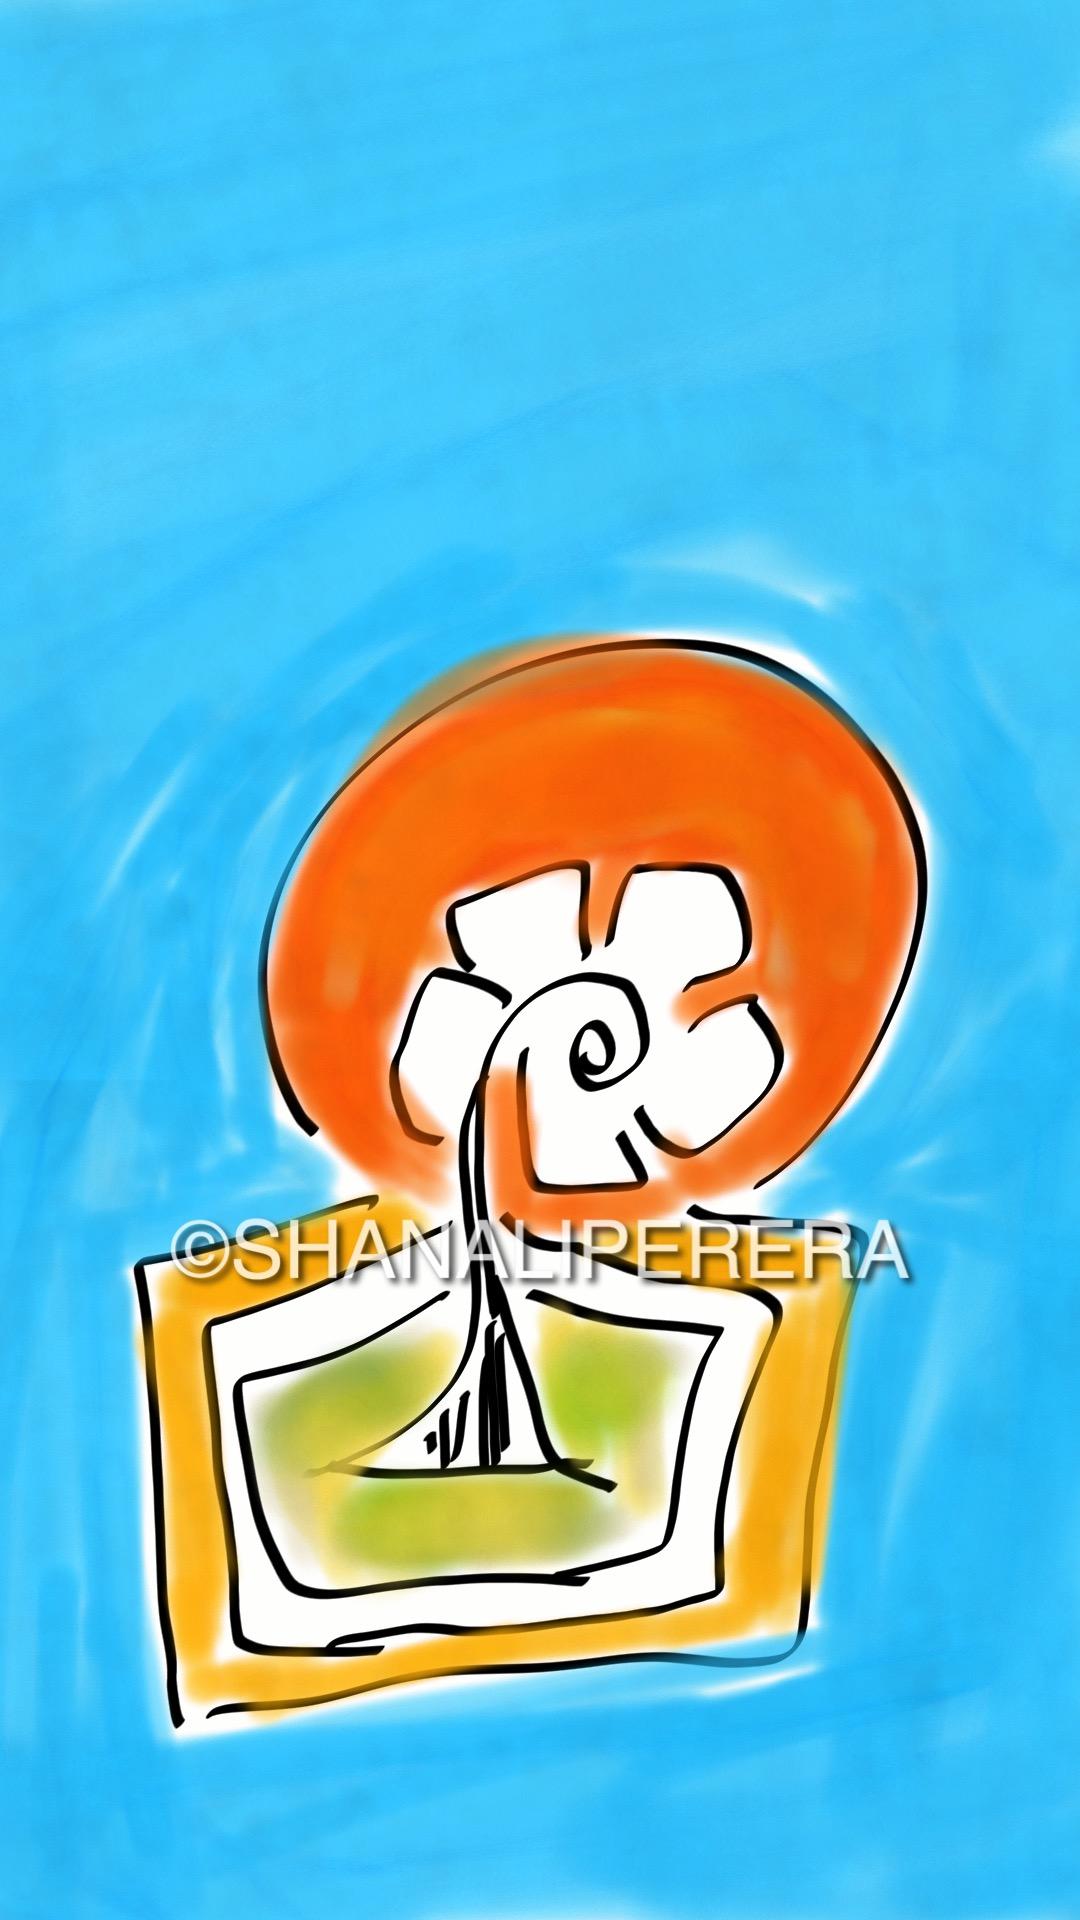 sketch-1485593181442.jpg